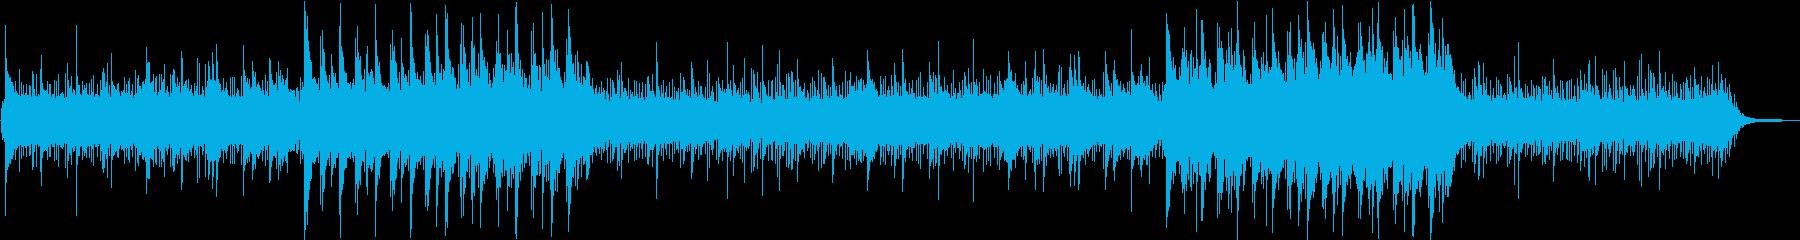 ゆったりしたVLOG向けBGMの再生済みの波形